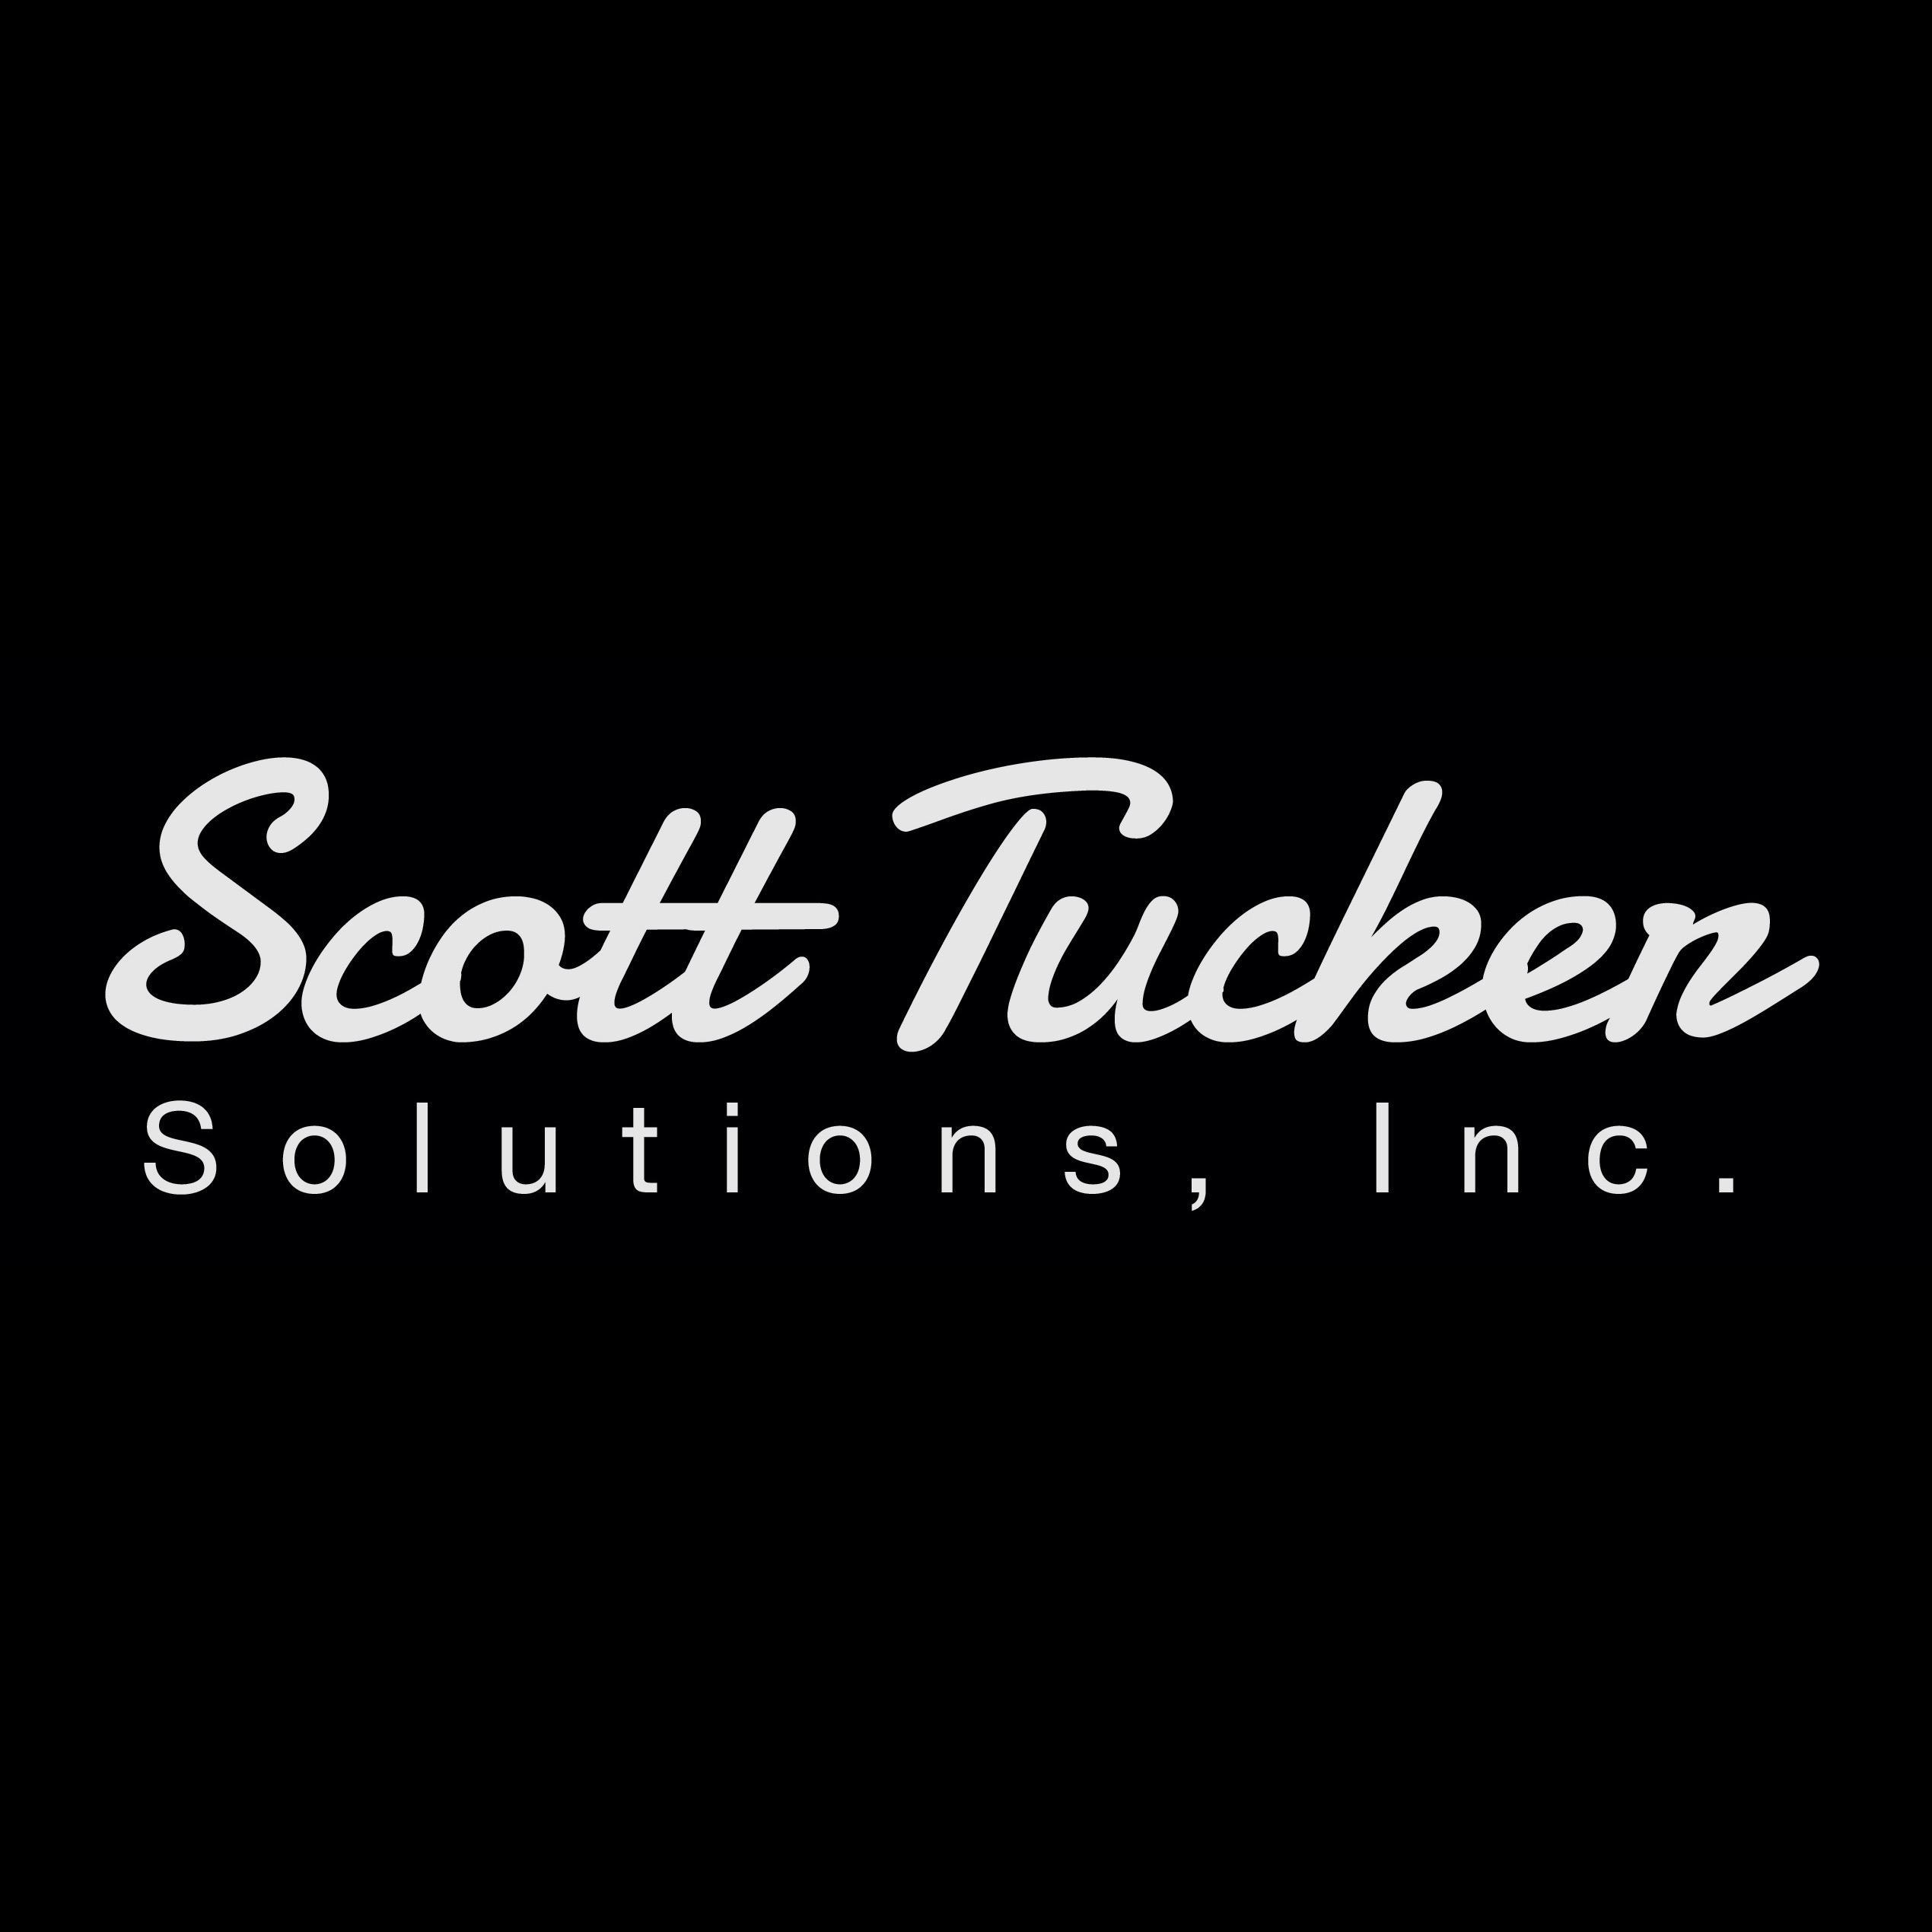 Scott Tucker Solutions, Inc.